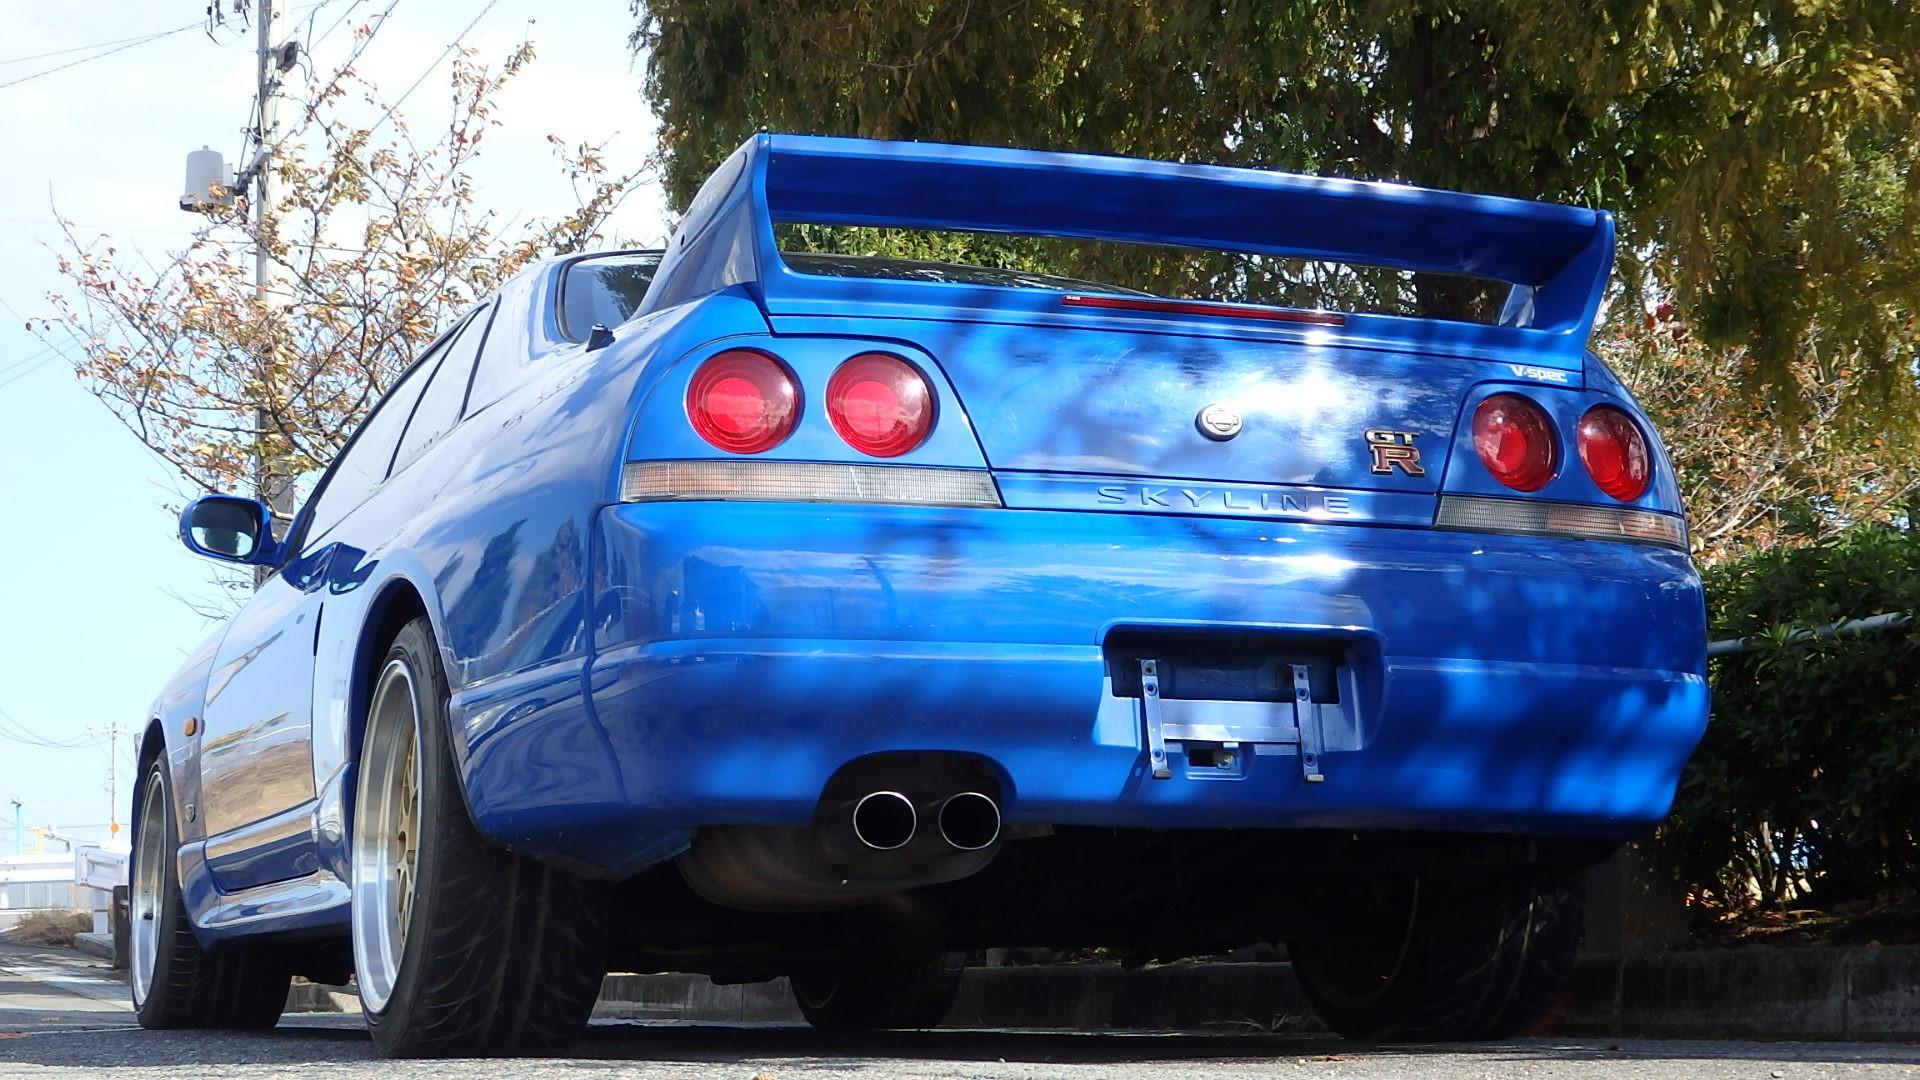 Le Mans Edition R33 Skyline Gtr For Sale Japan Usa Canada Uk